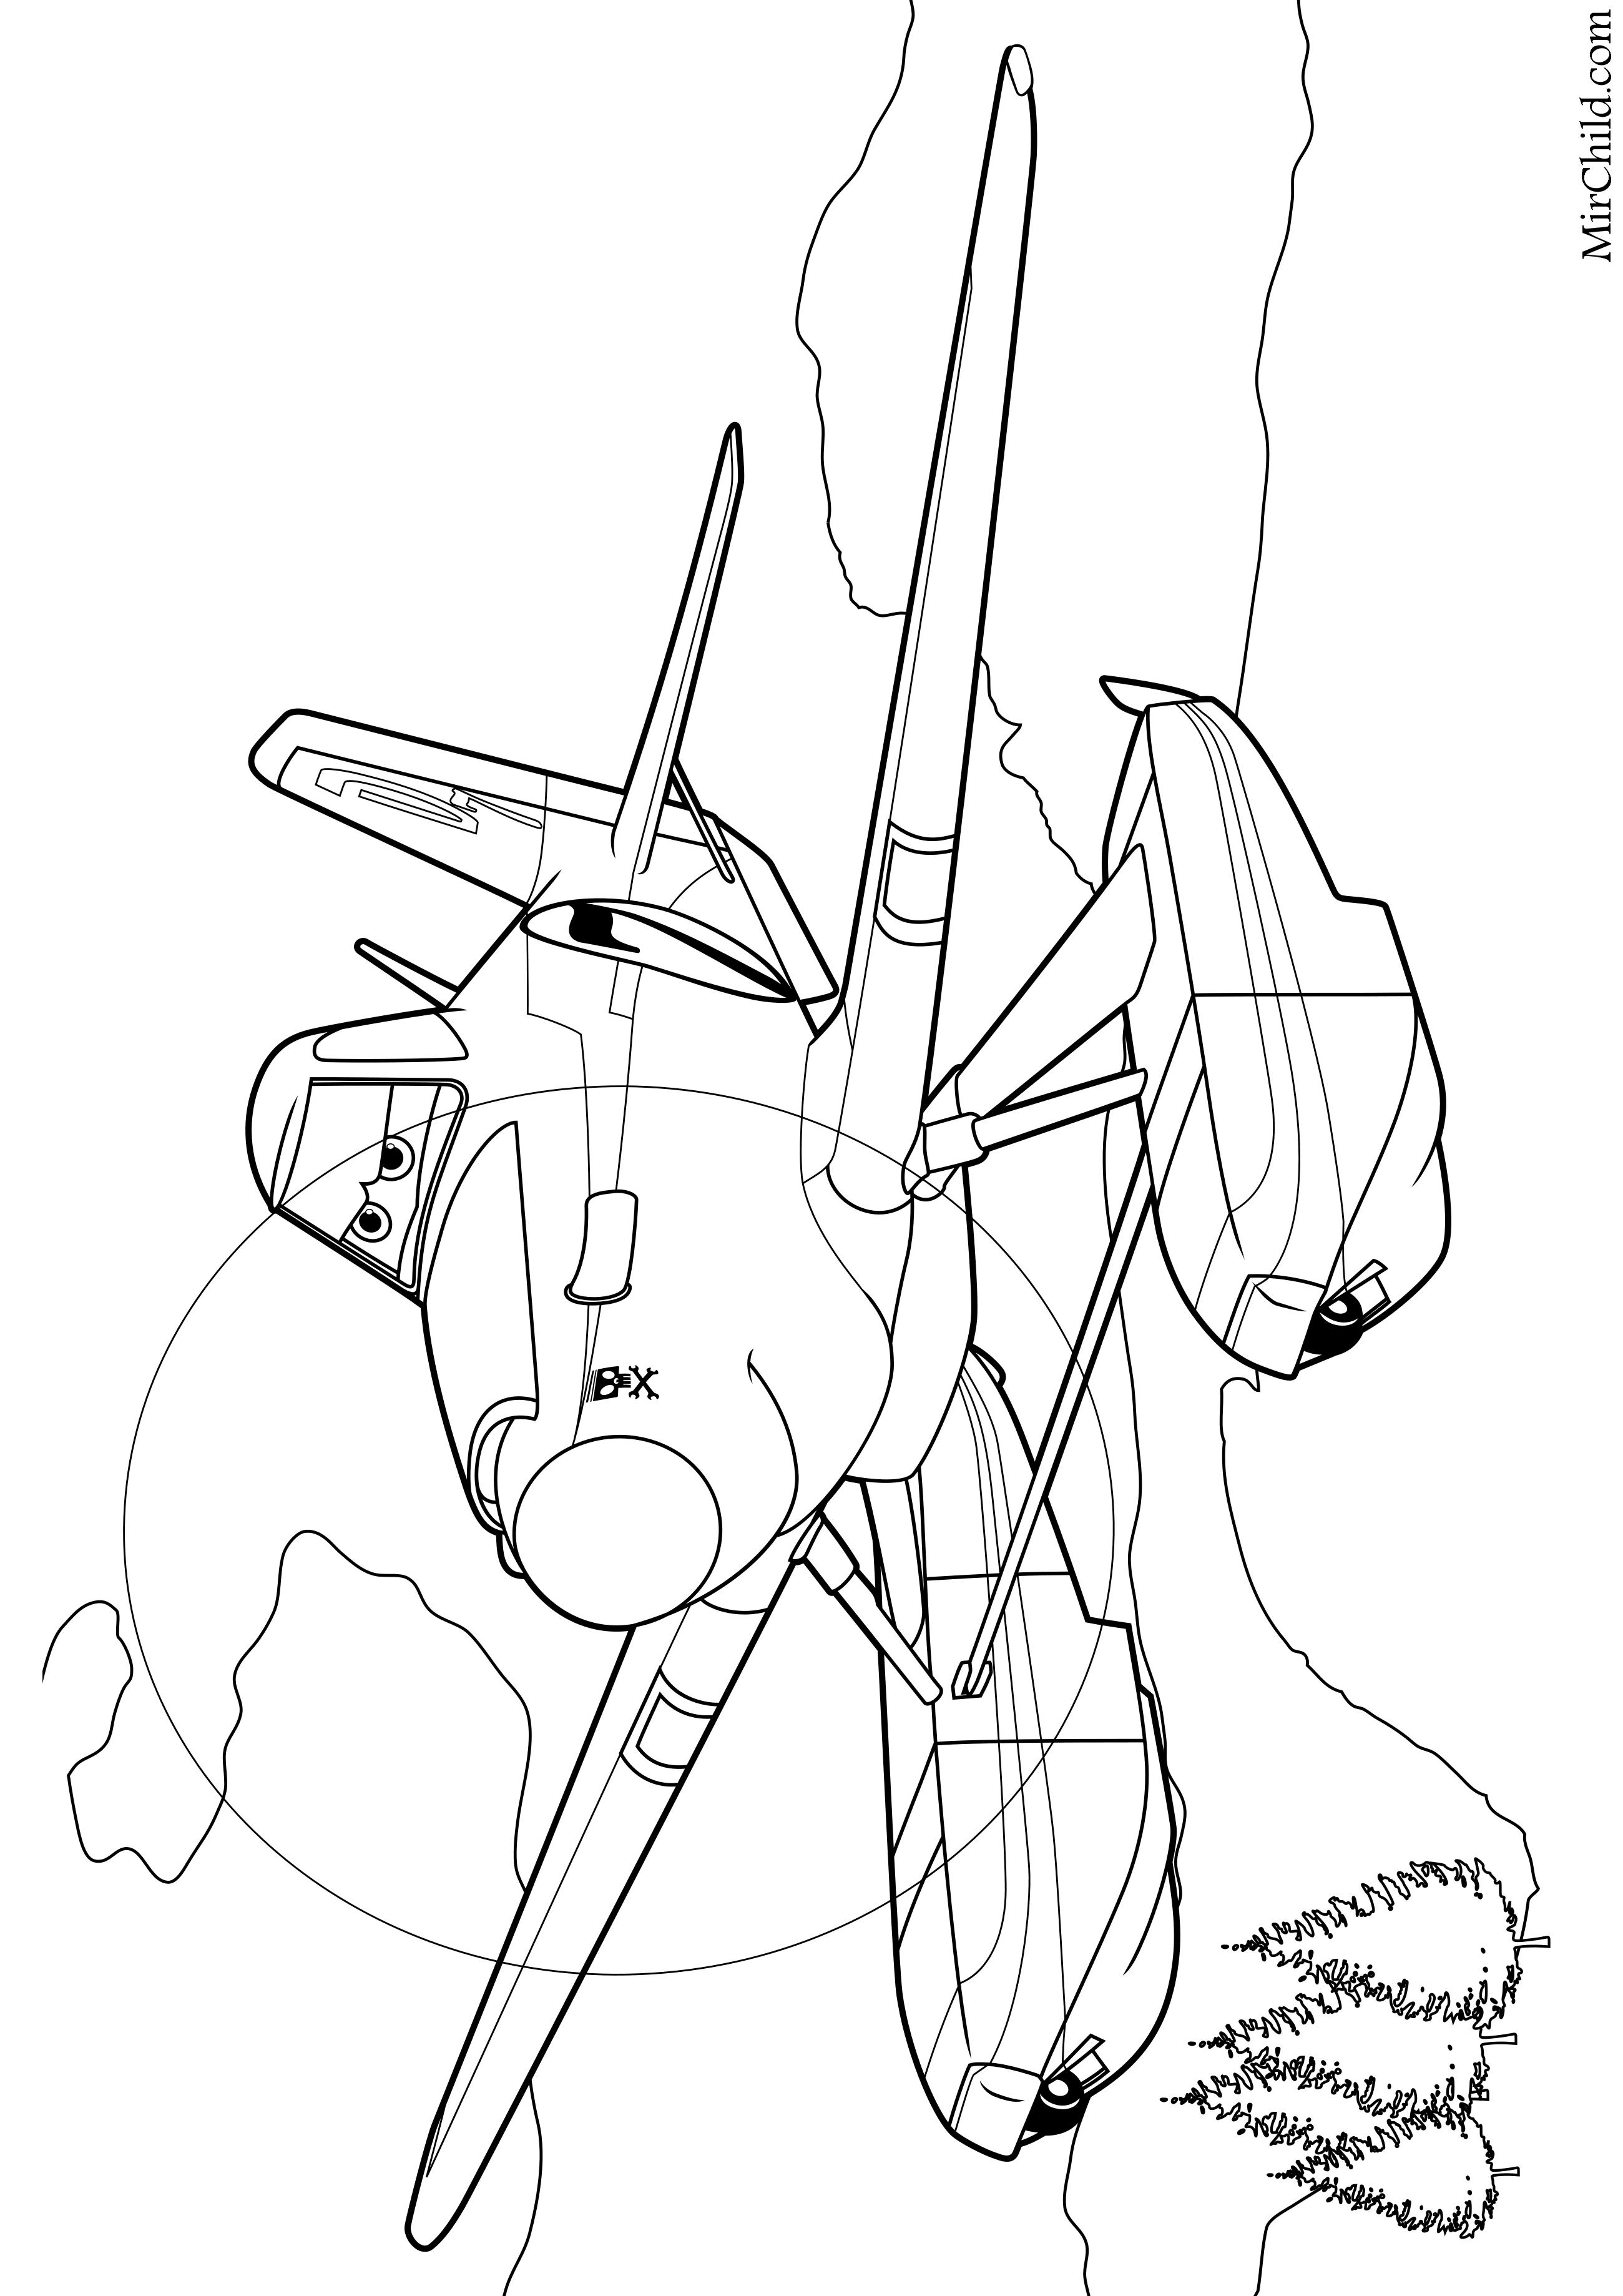 раскраска самолёты огонь и вода дасти полейполе Mirchild